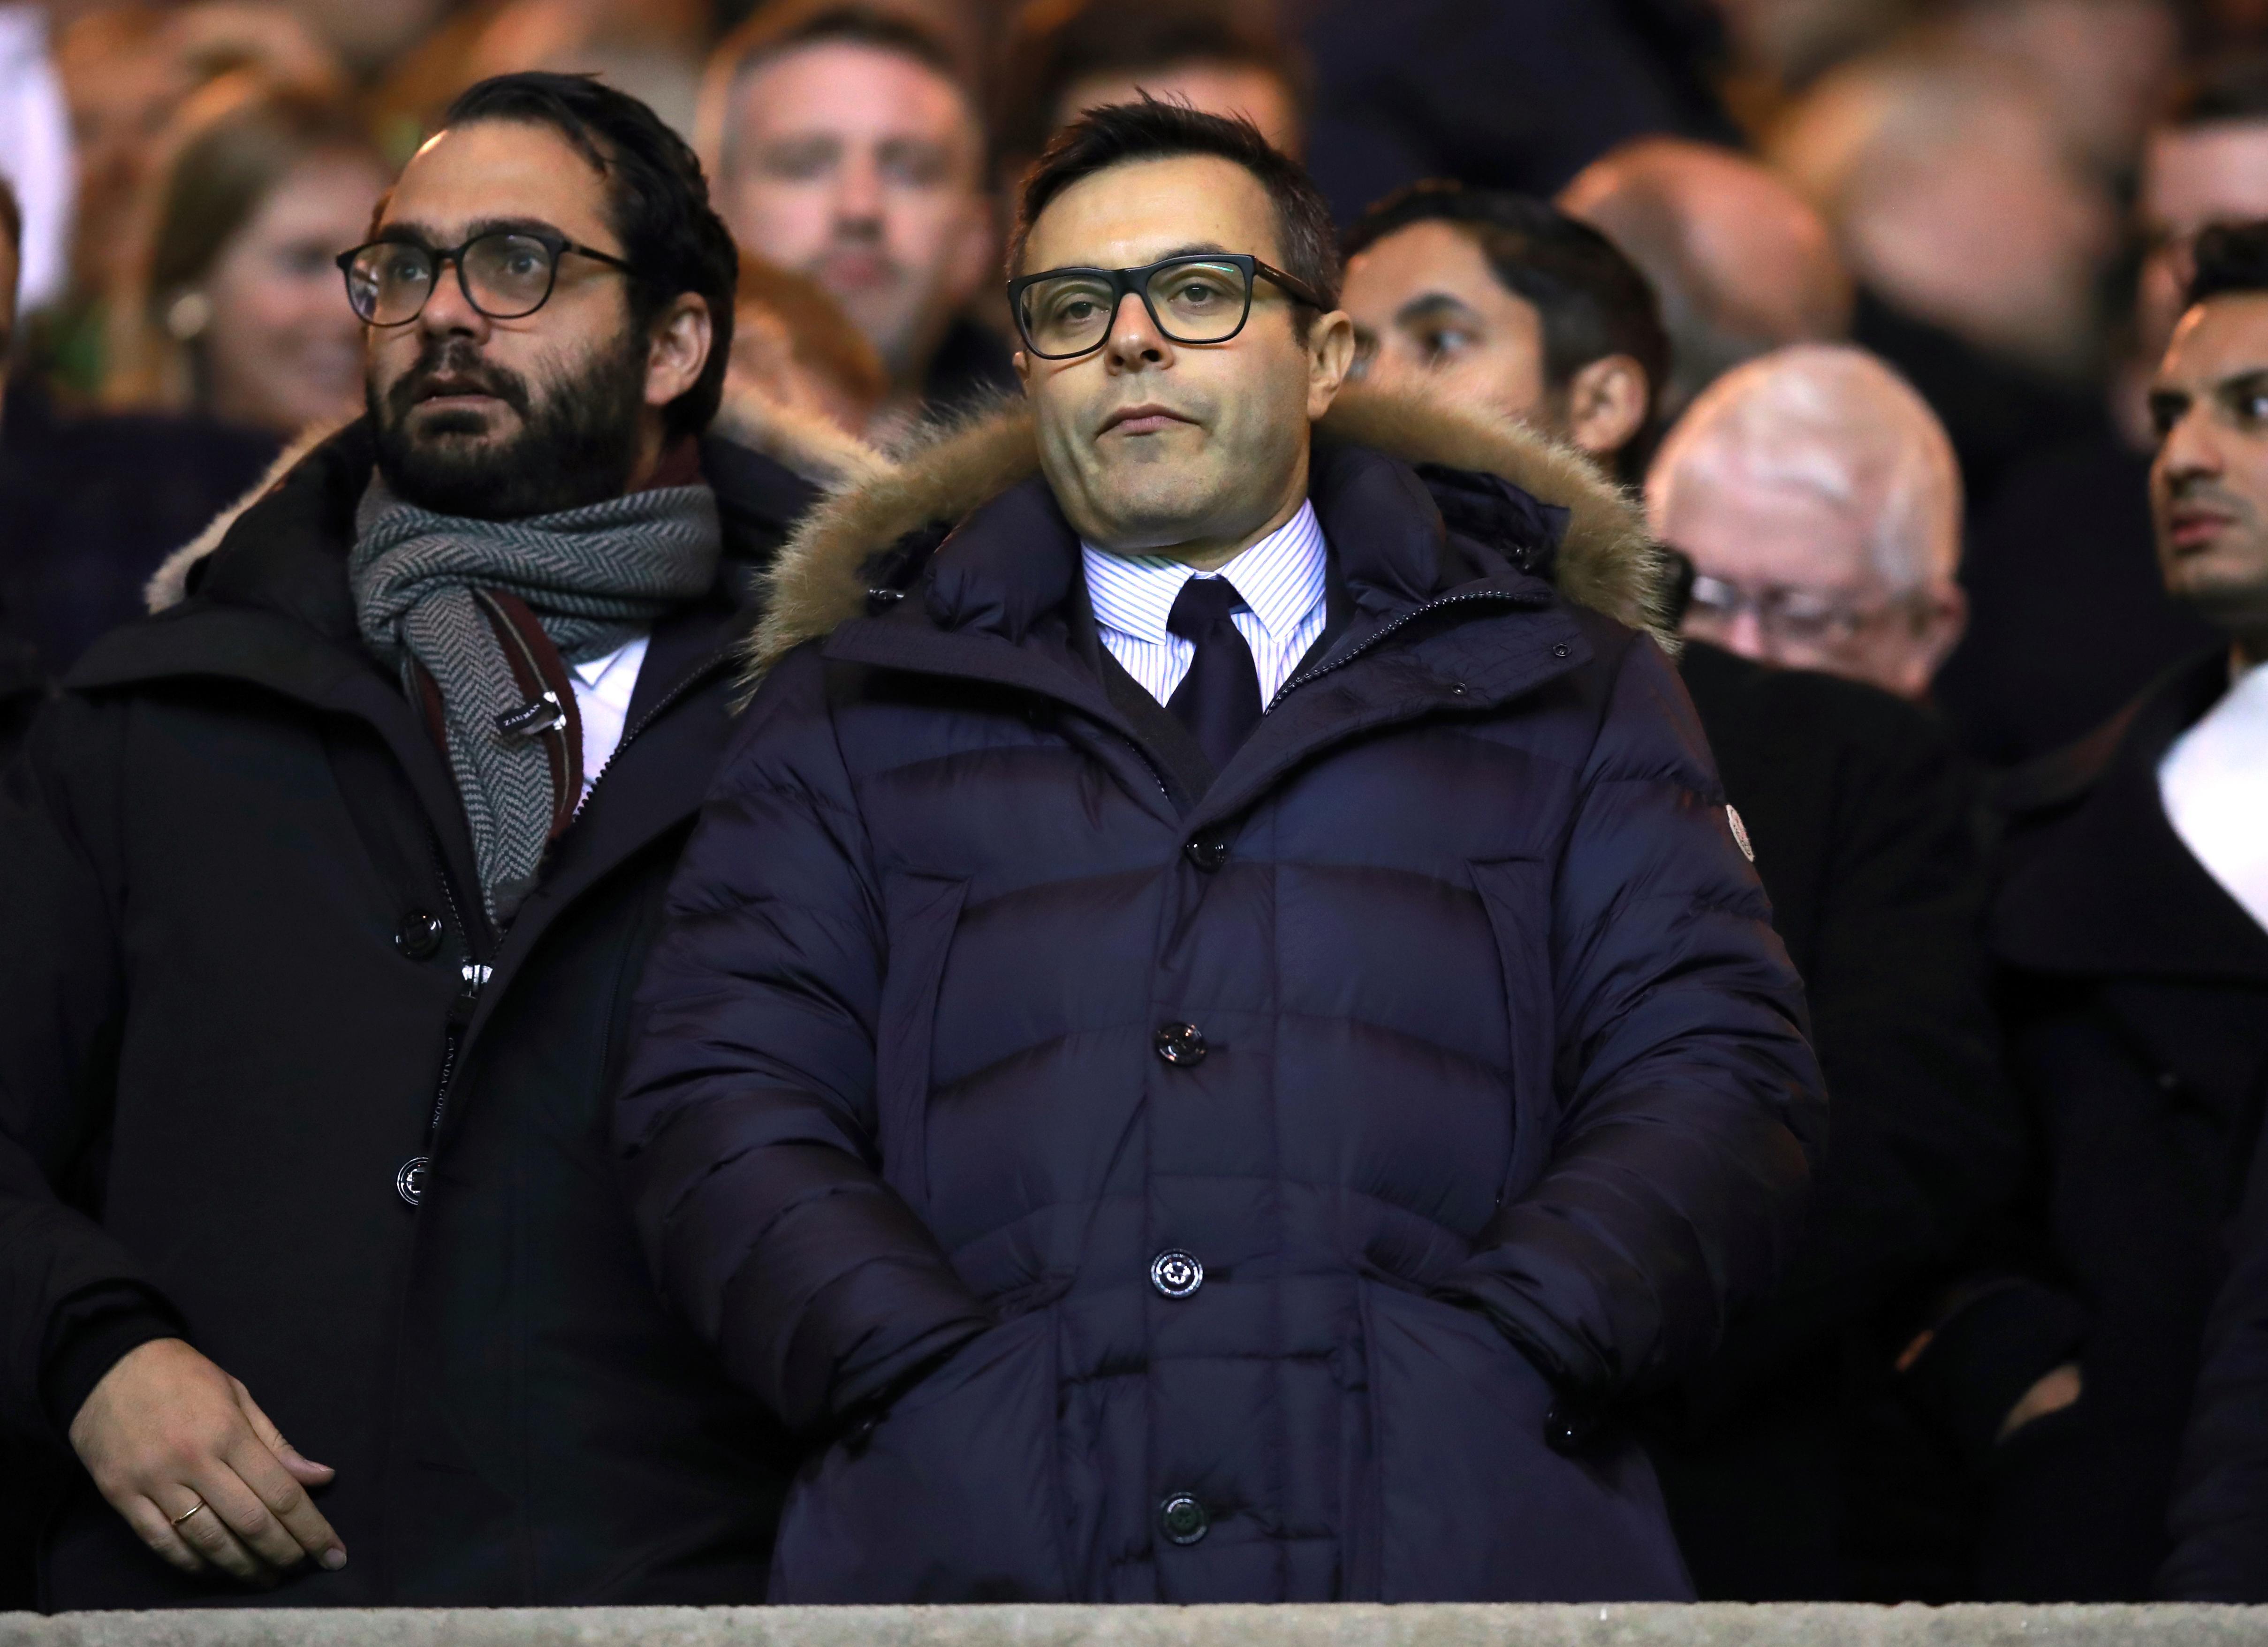 Leeds United chairman Andrea Radrizzani owns Eleven